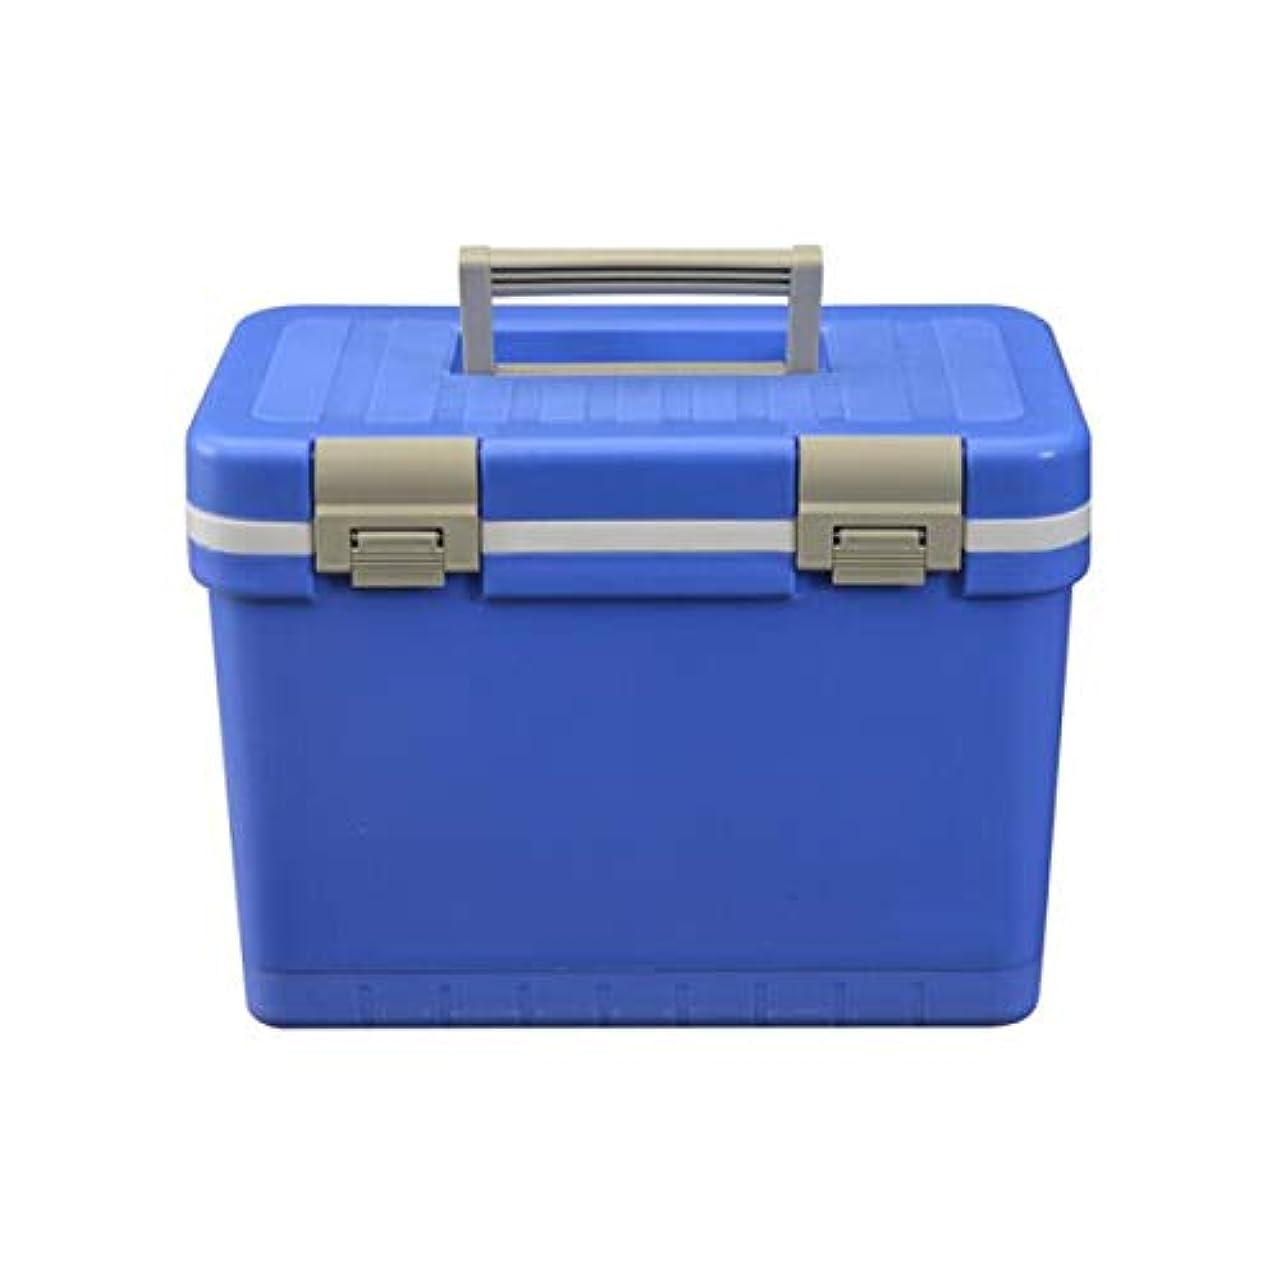 MUZIWENJU クーラー、12リットル車のインキュベーターポータブル家庭用冷蔵庫医療薬ワクチンコールドチェーンボックス屋外自動運転バーベキュー釣りボックス付き/なし温度計